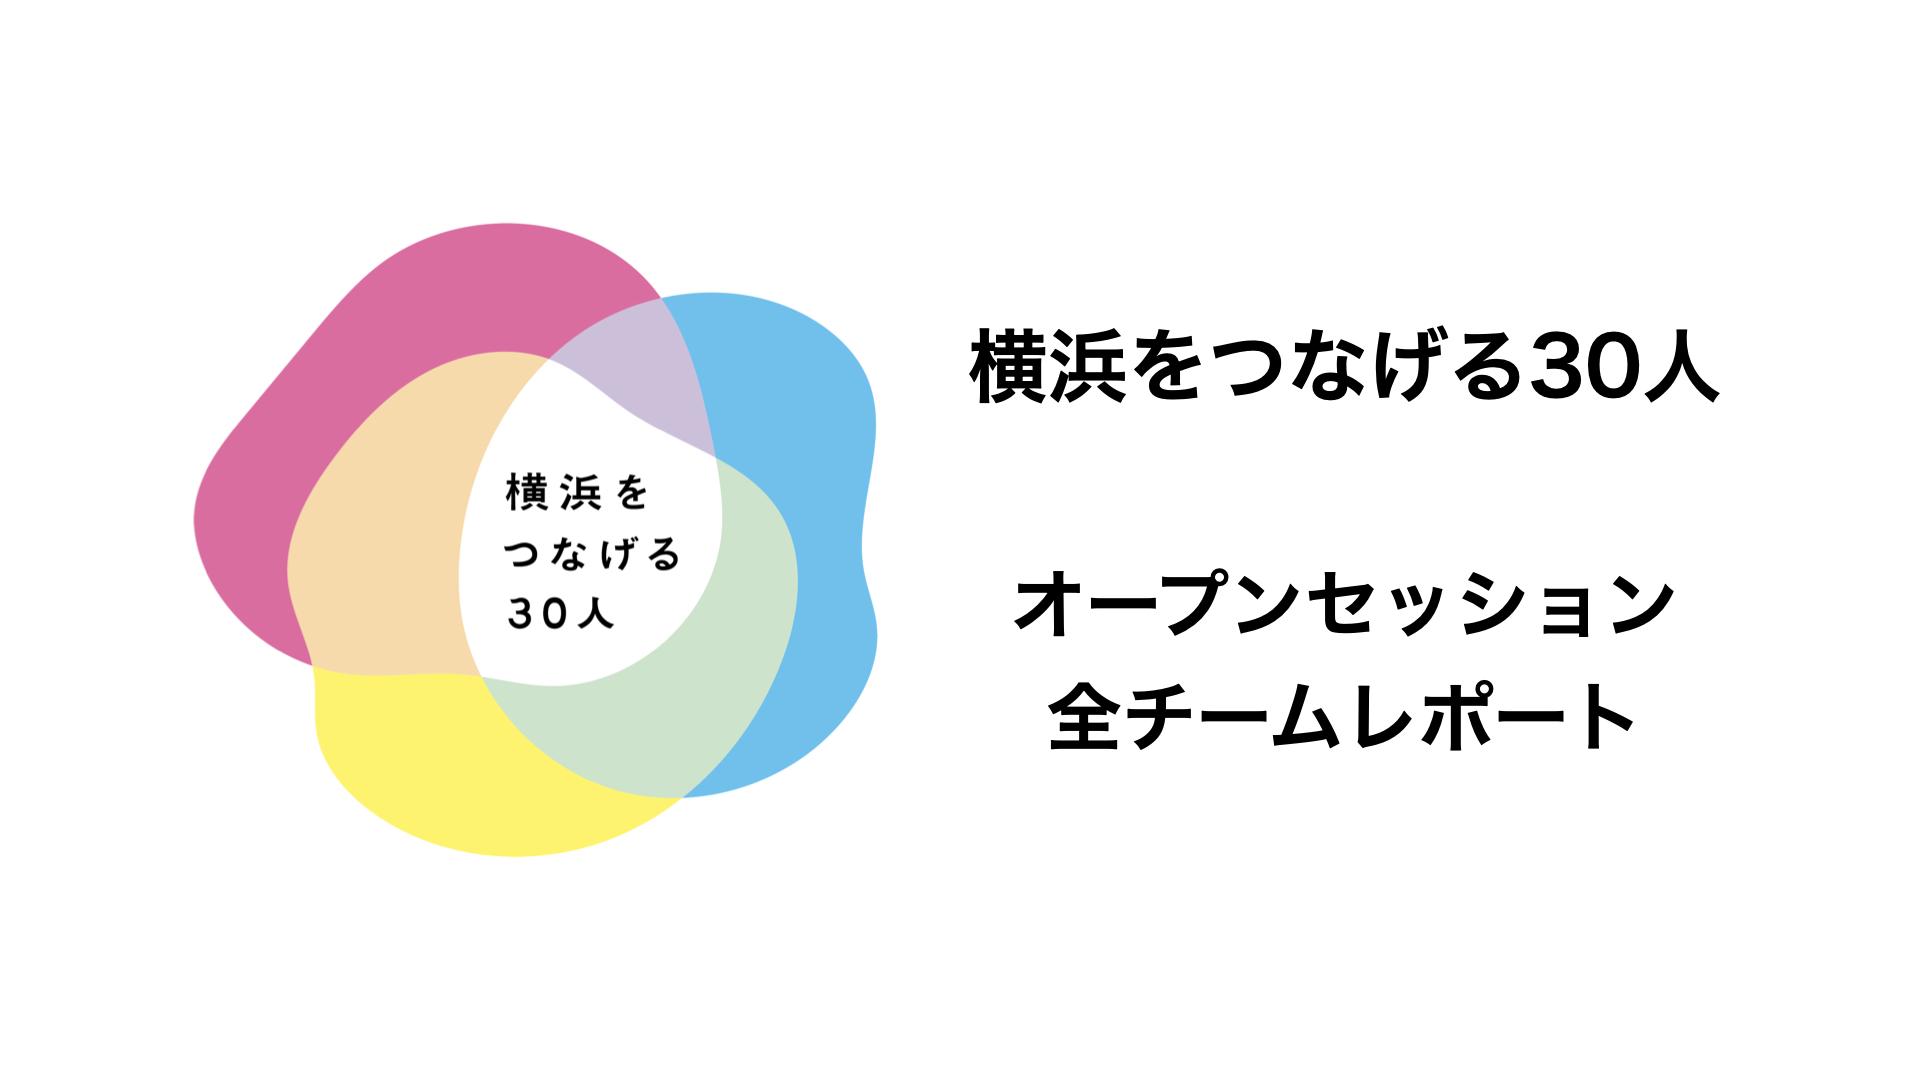 """【横浜をつなげる30人 1期 オープンセッション】〜""""つなげる30人""""のひとりとして、場をつくる〜"""